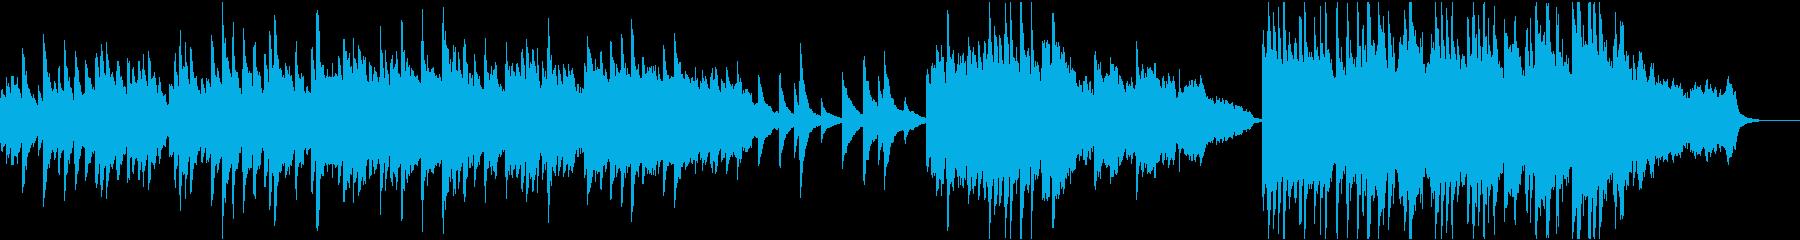 企業VP47 16bit48kHzVerの再生済みの波形